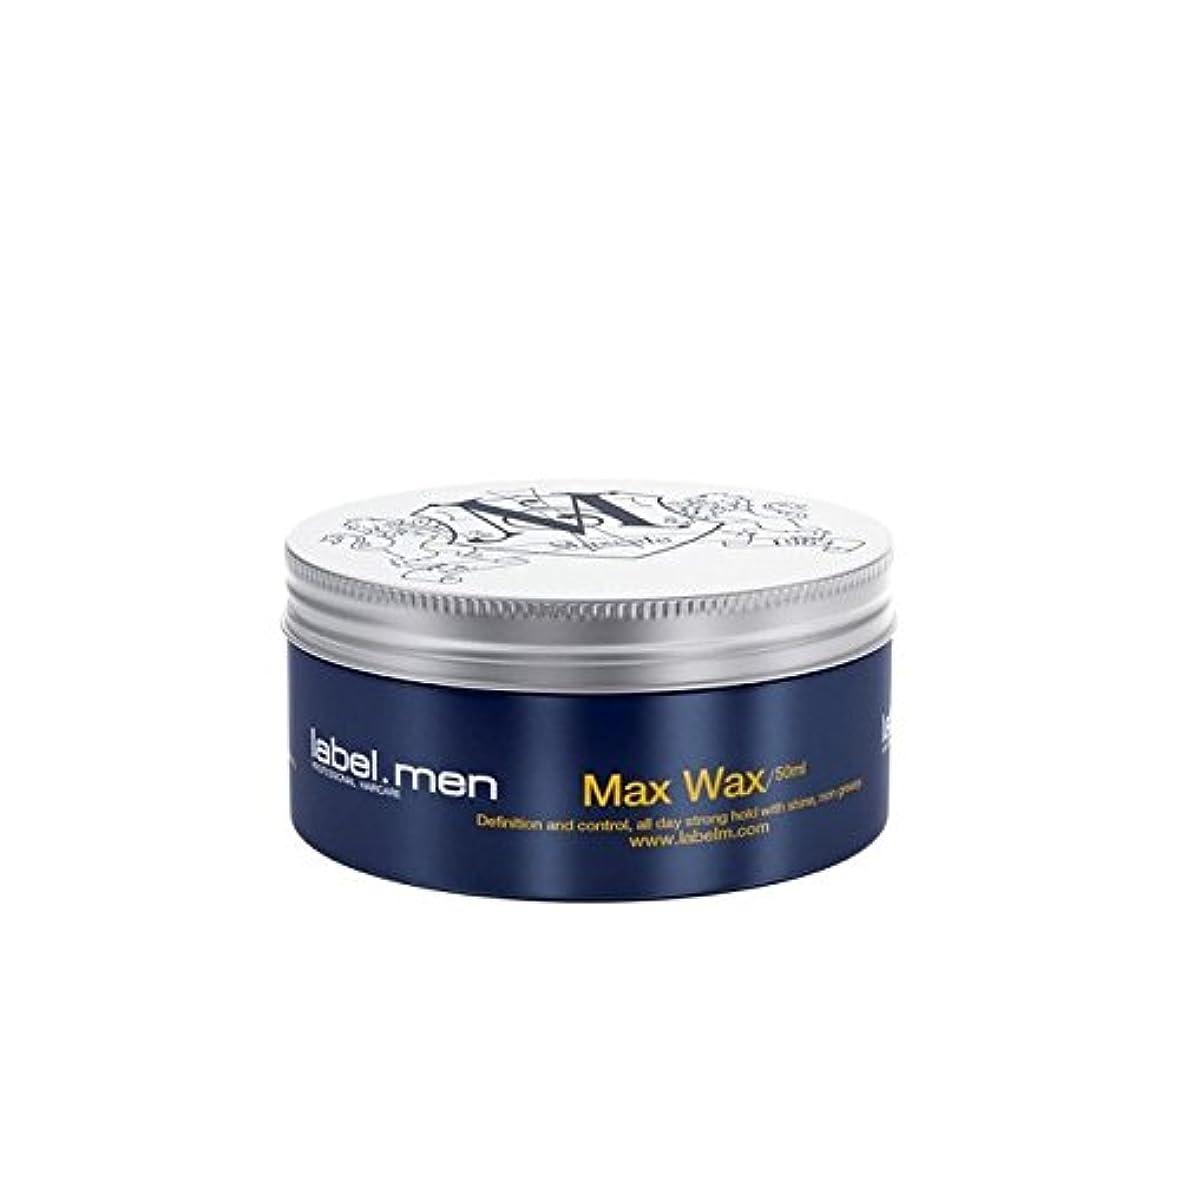 愛情ナビゲーション接ぎ木.マックスワックス(50ミリリットル) x2 - Label.Men Max Wax (50ml) (Pack of 2) [並行輸入品]